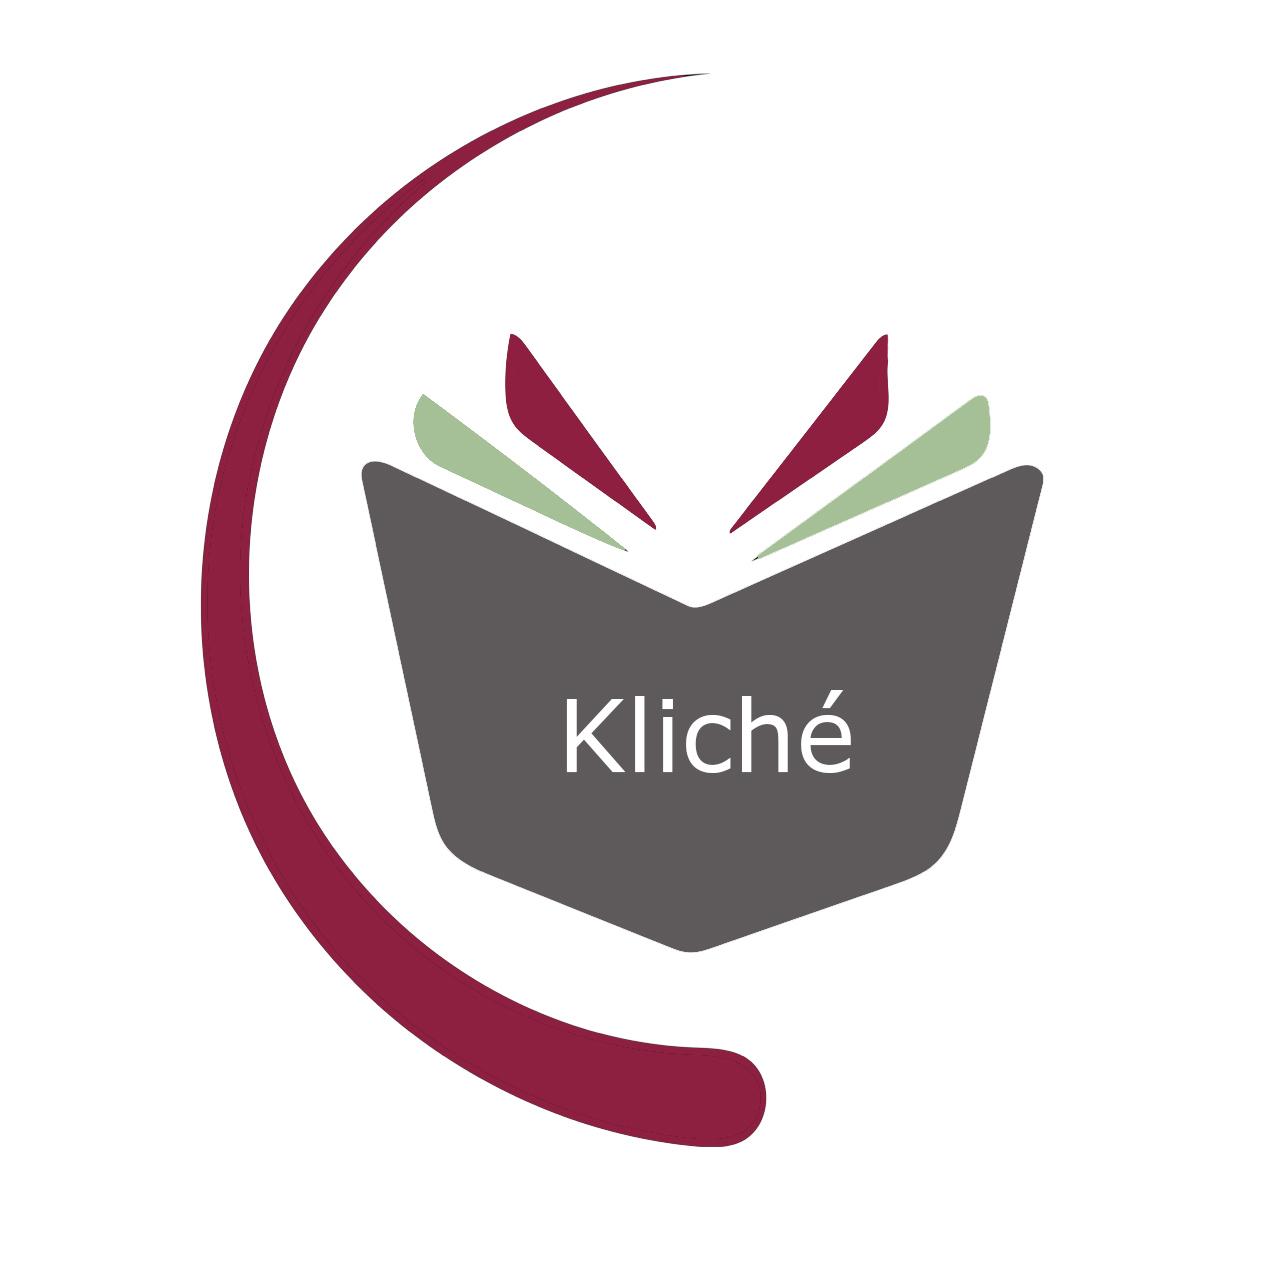 Kliché